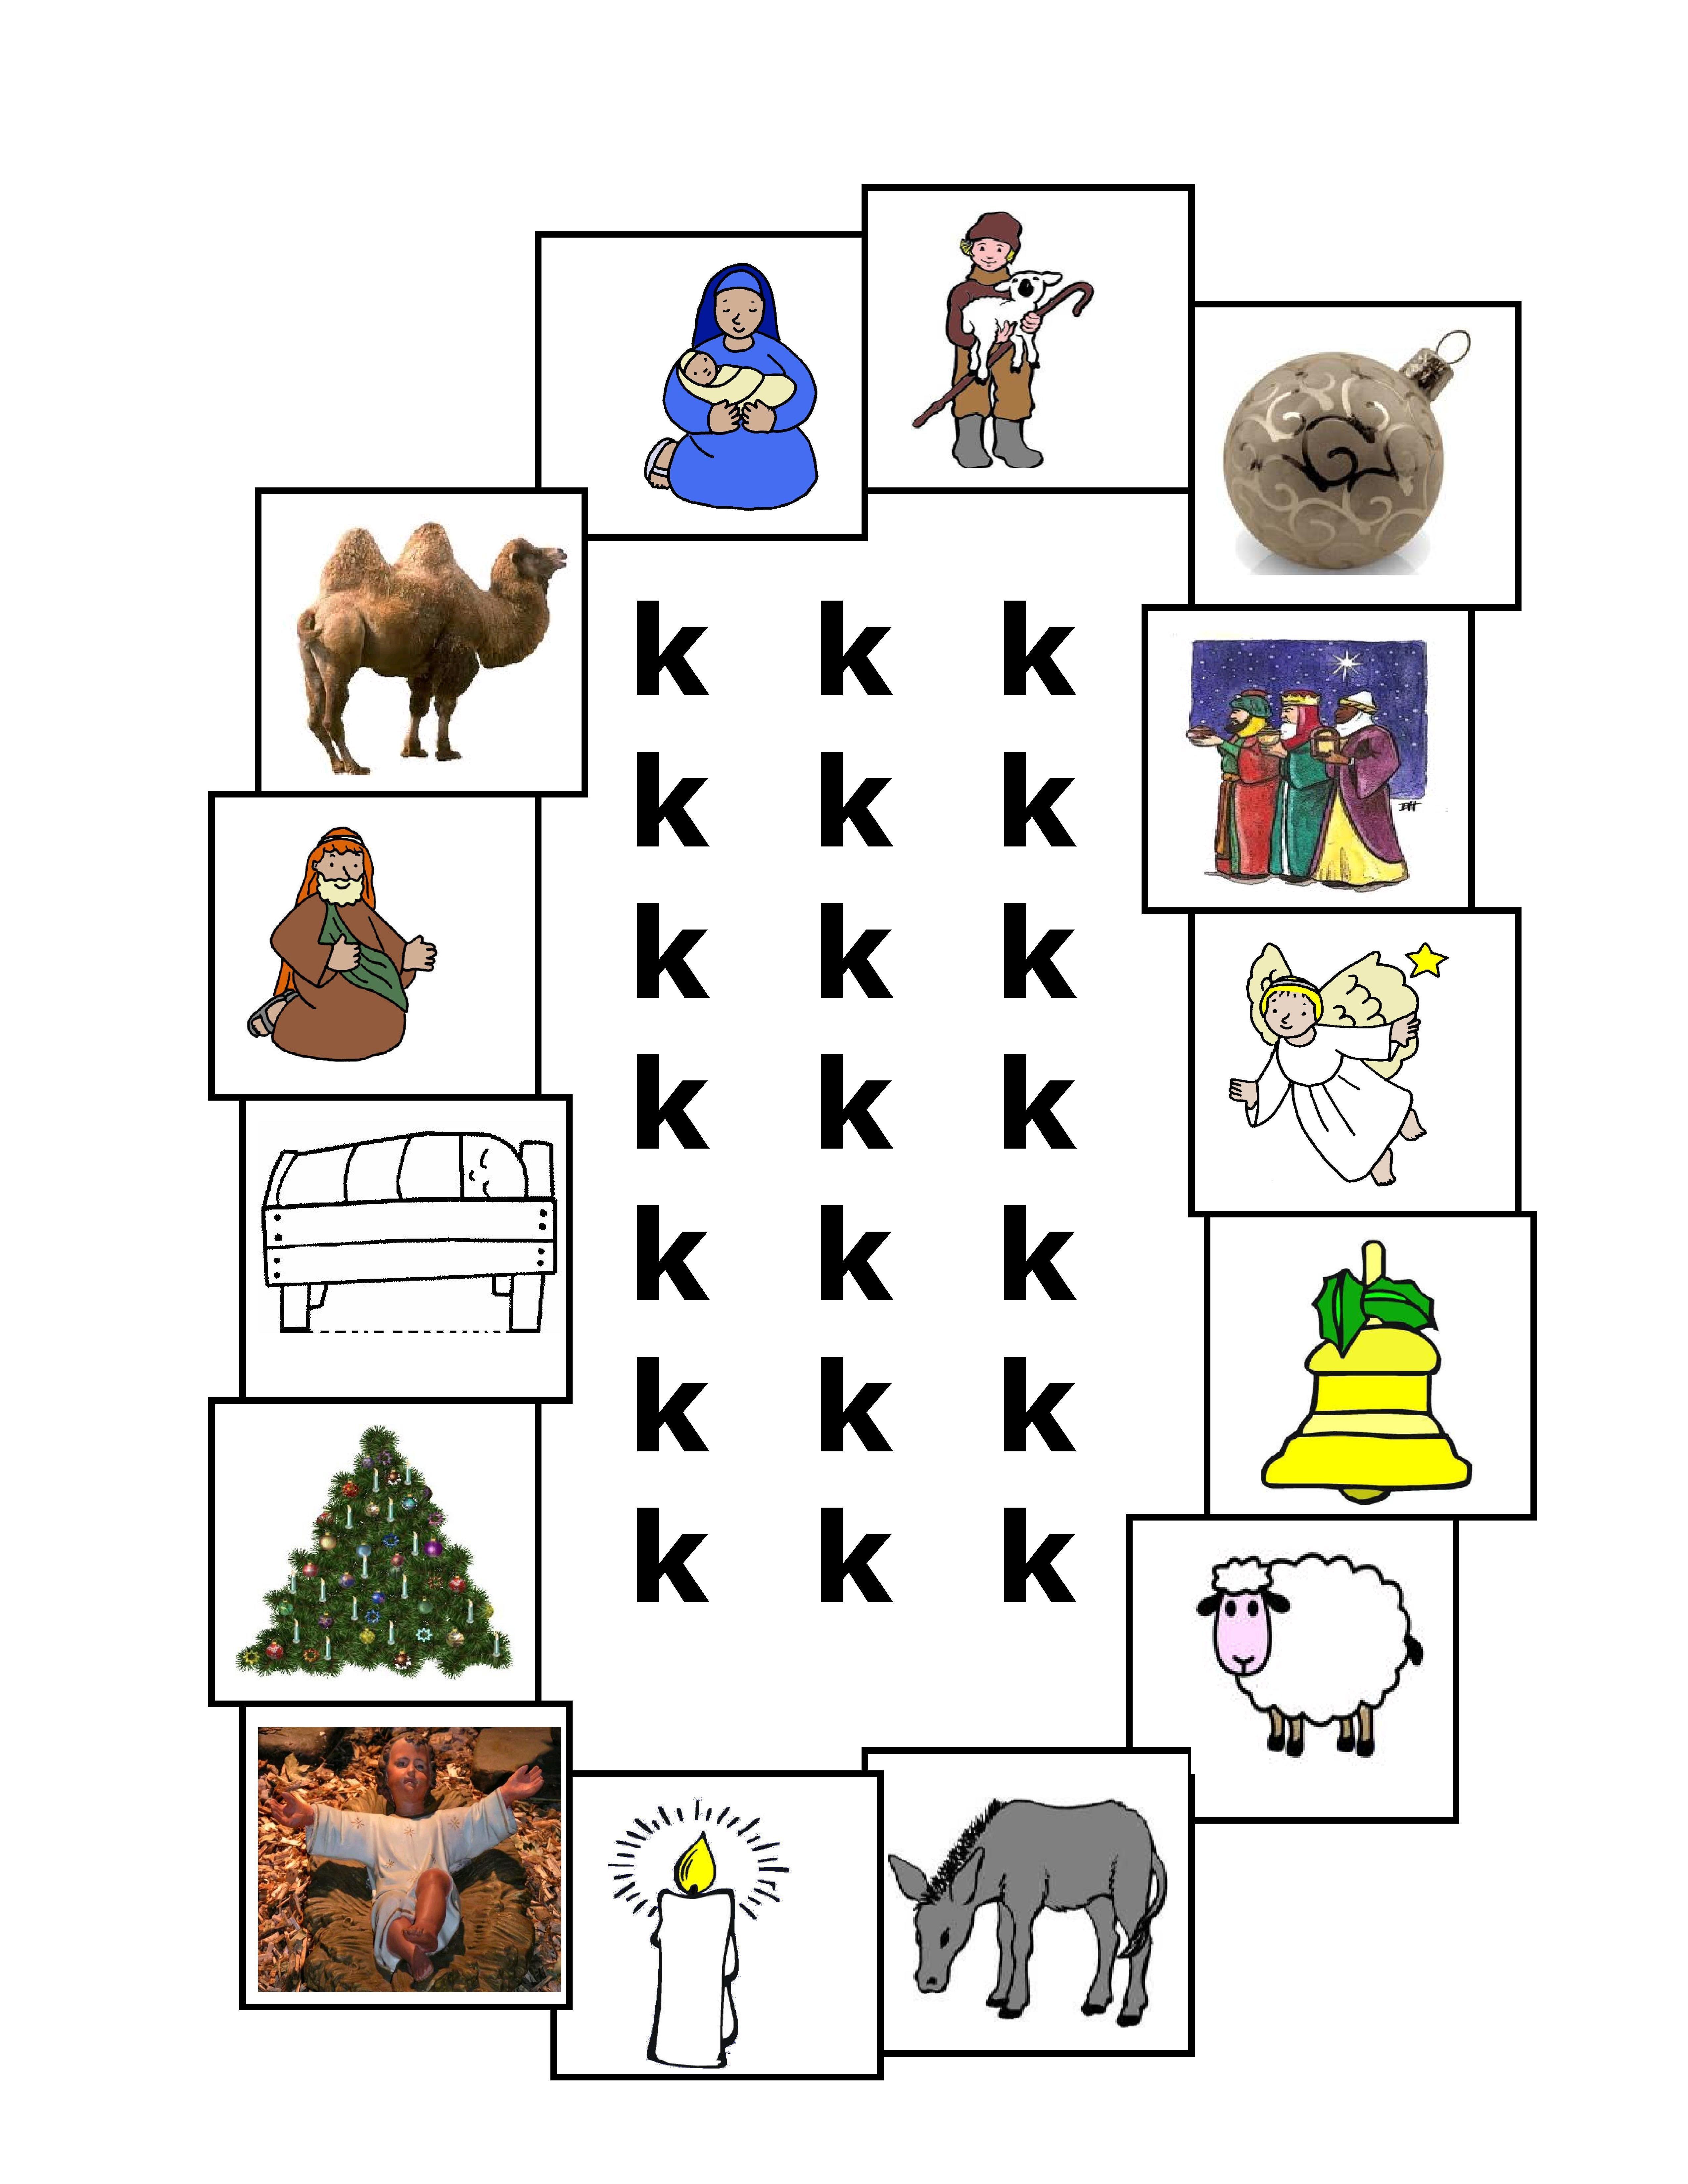 Kerst Bordspel Waar Hoor Je De K Voor Spelregels Zie Een Andere